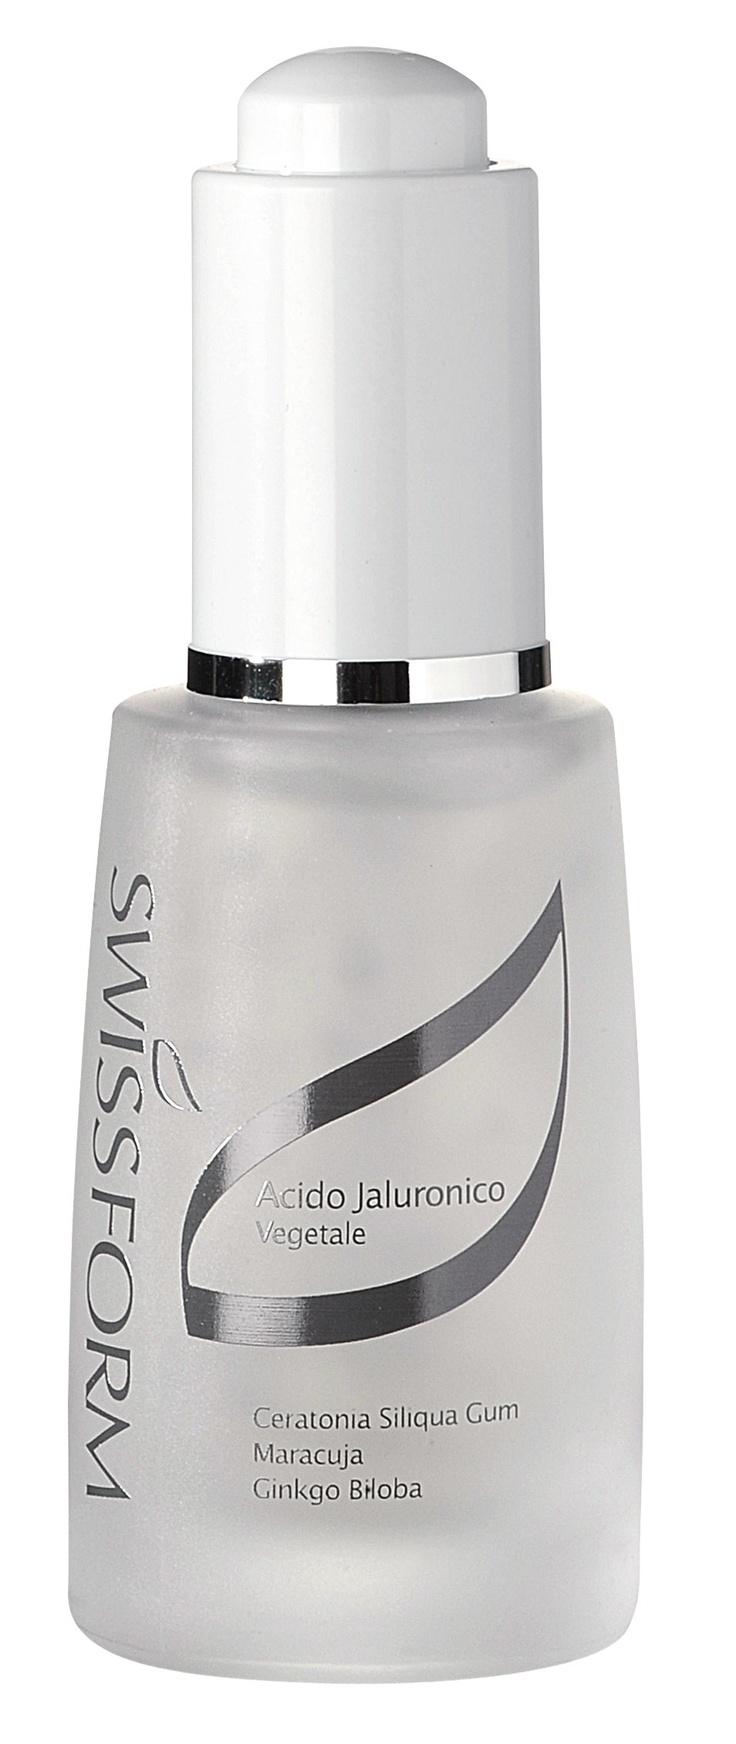 Acido Jaluronico: Il complemento ideale per la linea cosmetica del viso, per rimpolpare, idratare, creare una impalcatura molecolare per mantenere la forma ed il tono del tessuto del viso.